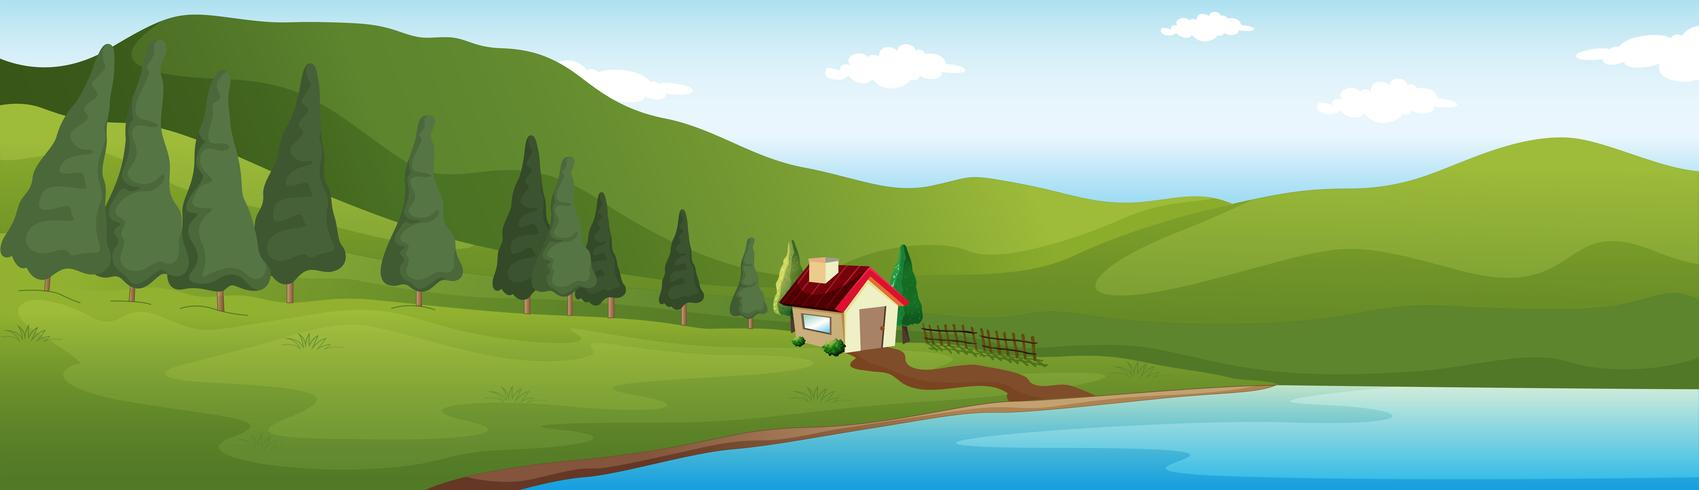 Scène de fond avec maison au bord du lac vecteur